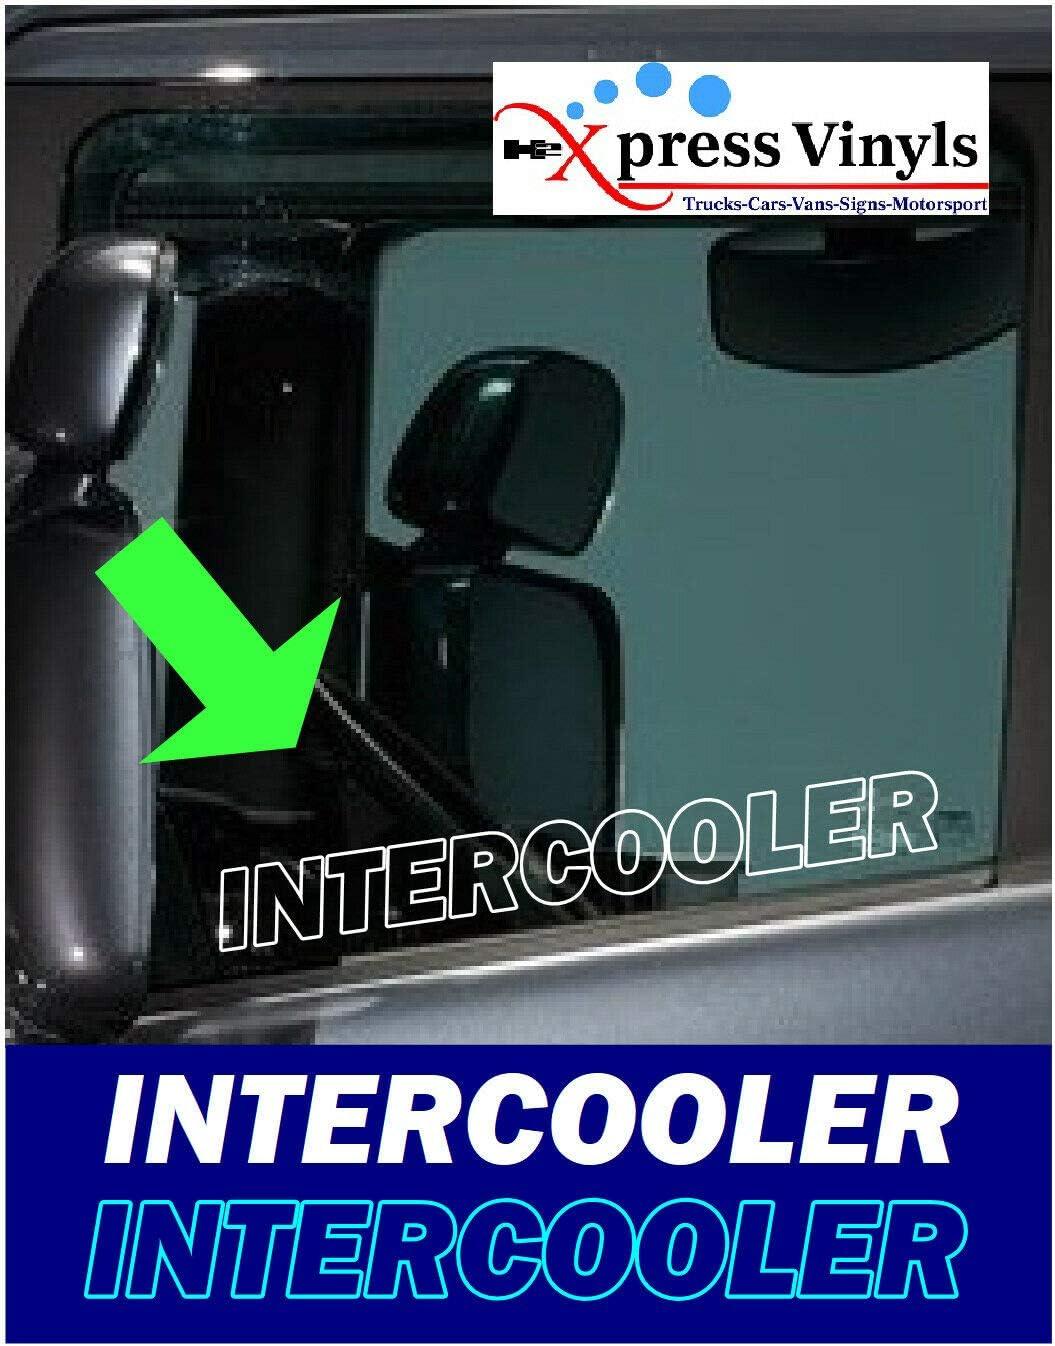 Myrockshirt 2x Schriftzug Für Seitenscheibe Intercooler Truck Lkw Aufkleber Sticker Decal Autoaufkleber Uv Waschanlagenfest Profi Qualität Auto